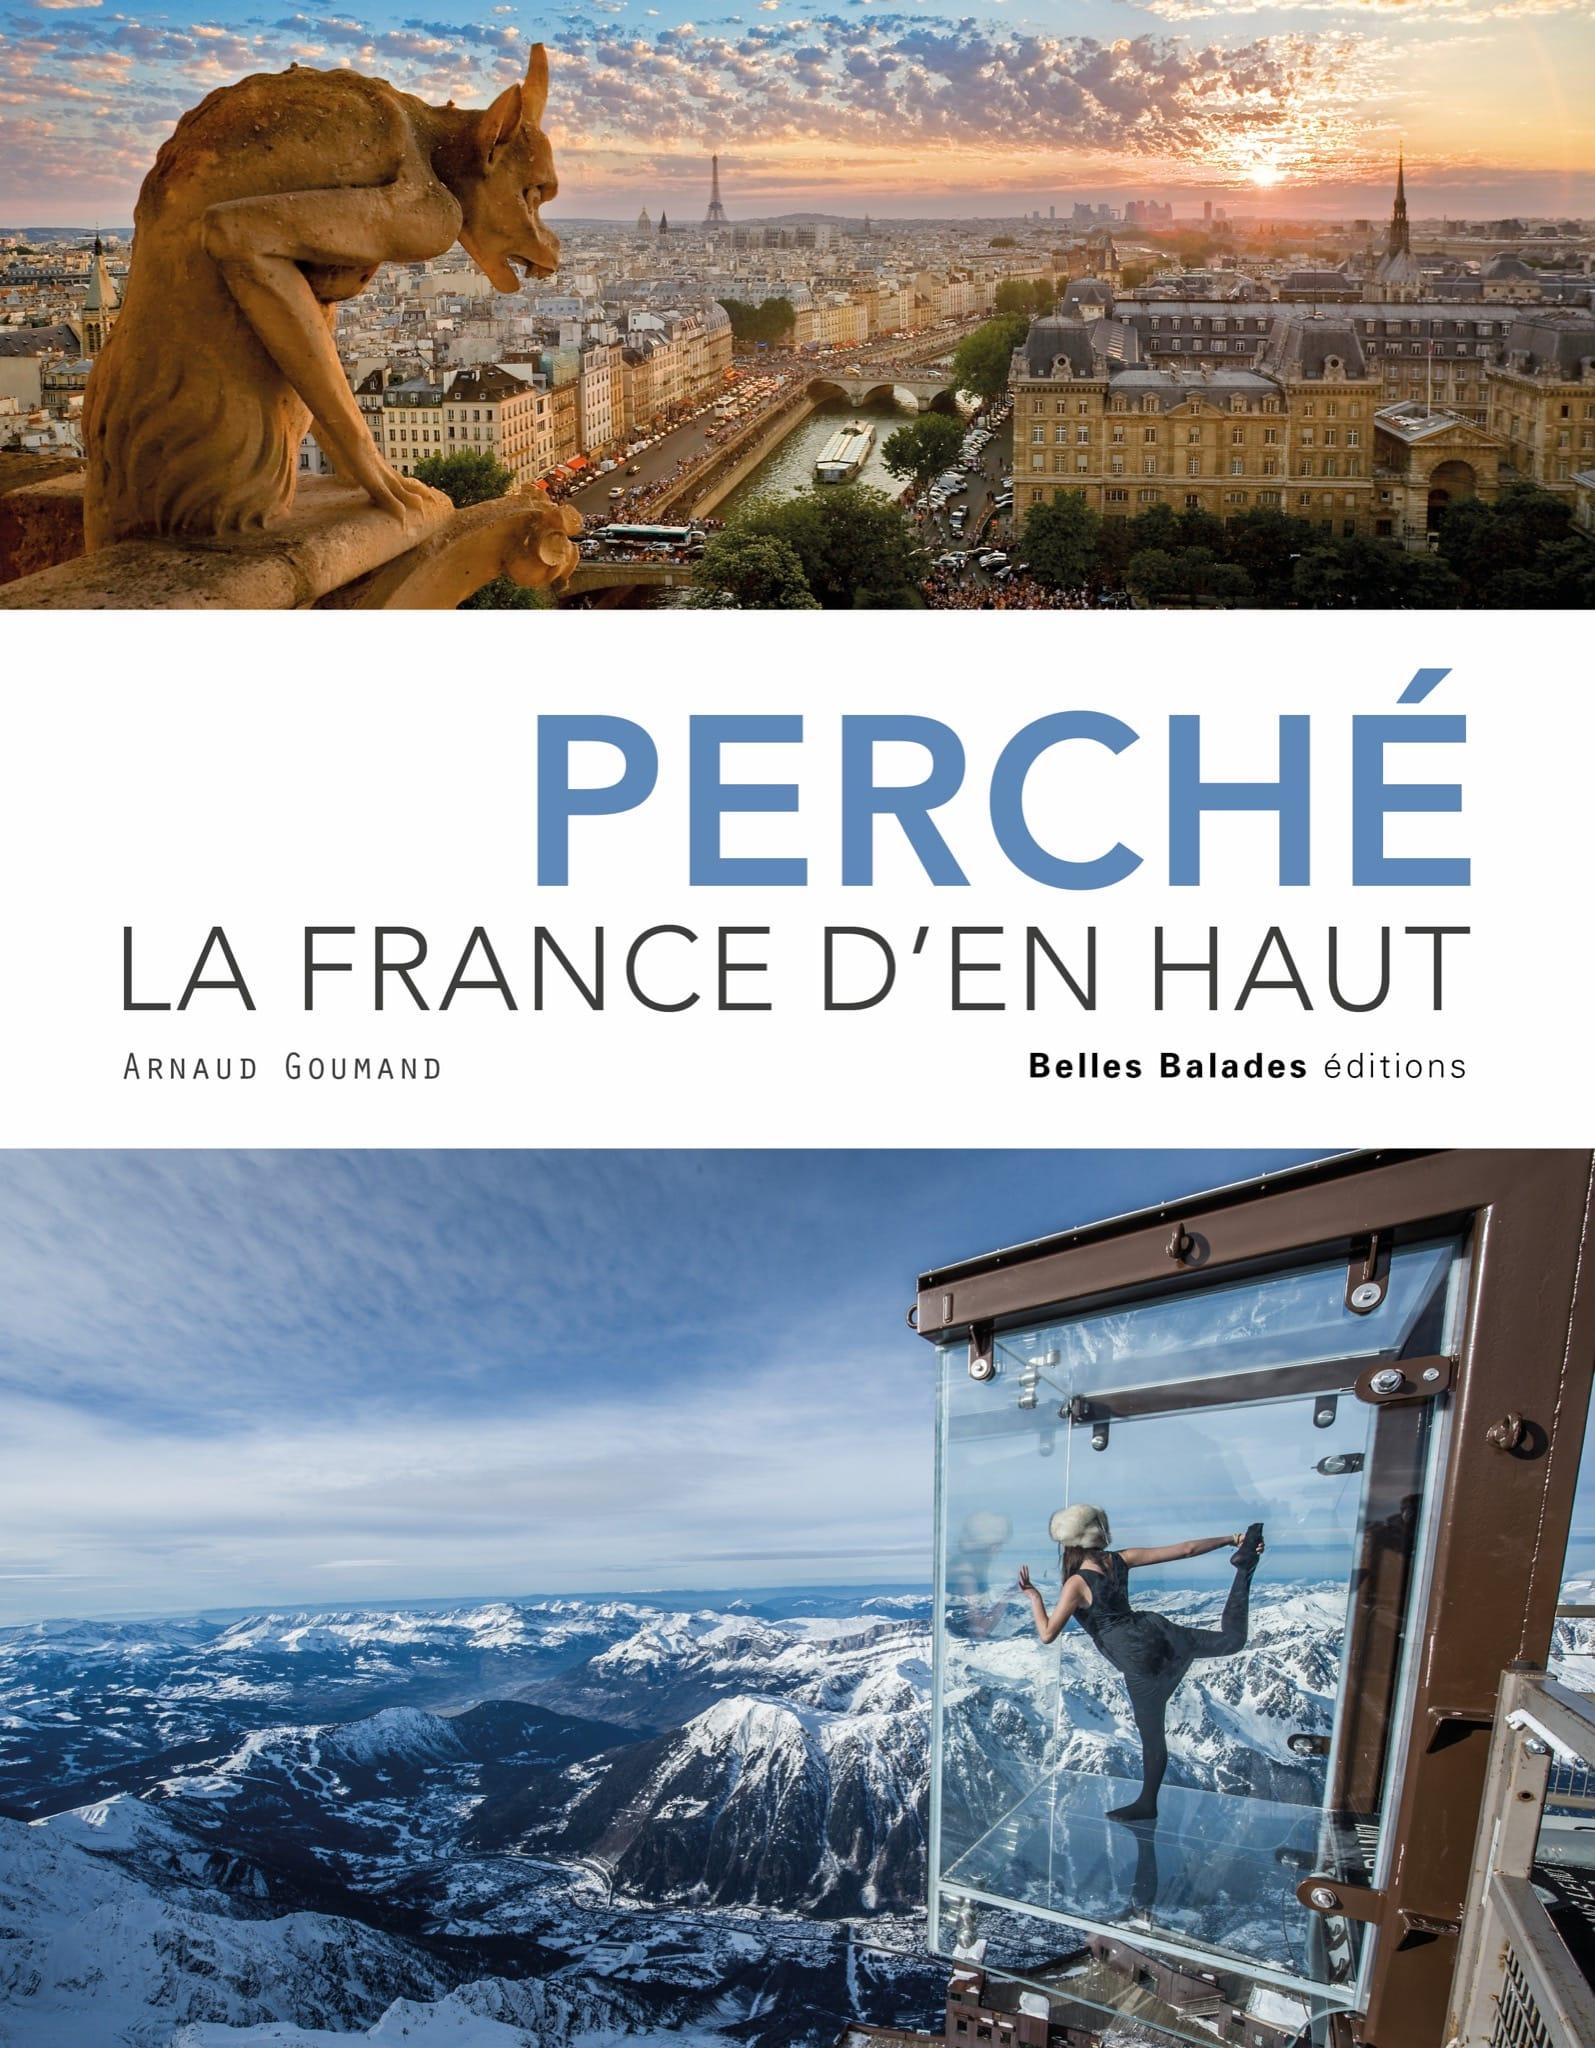 PERCHÉ LA FRANCE D'EN HAUT d'Arnaud Goumand - image première de couverture livre Tourisme & Voyages